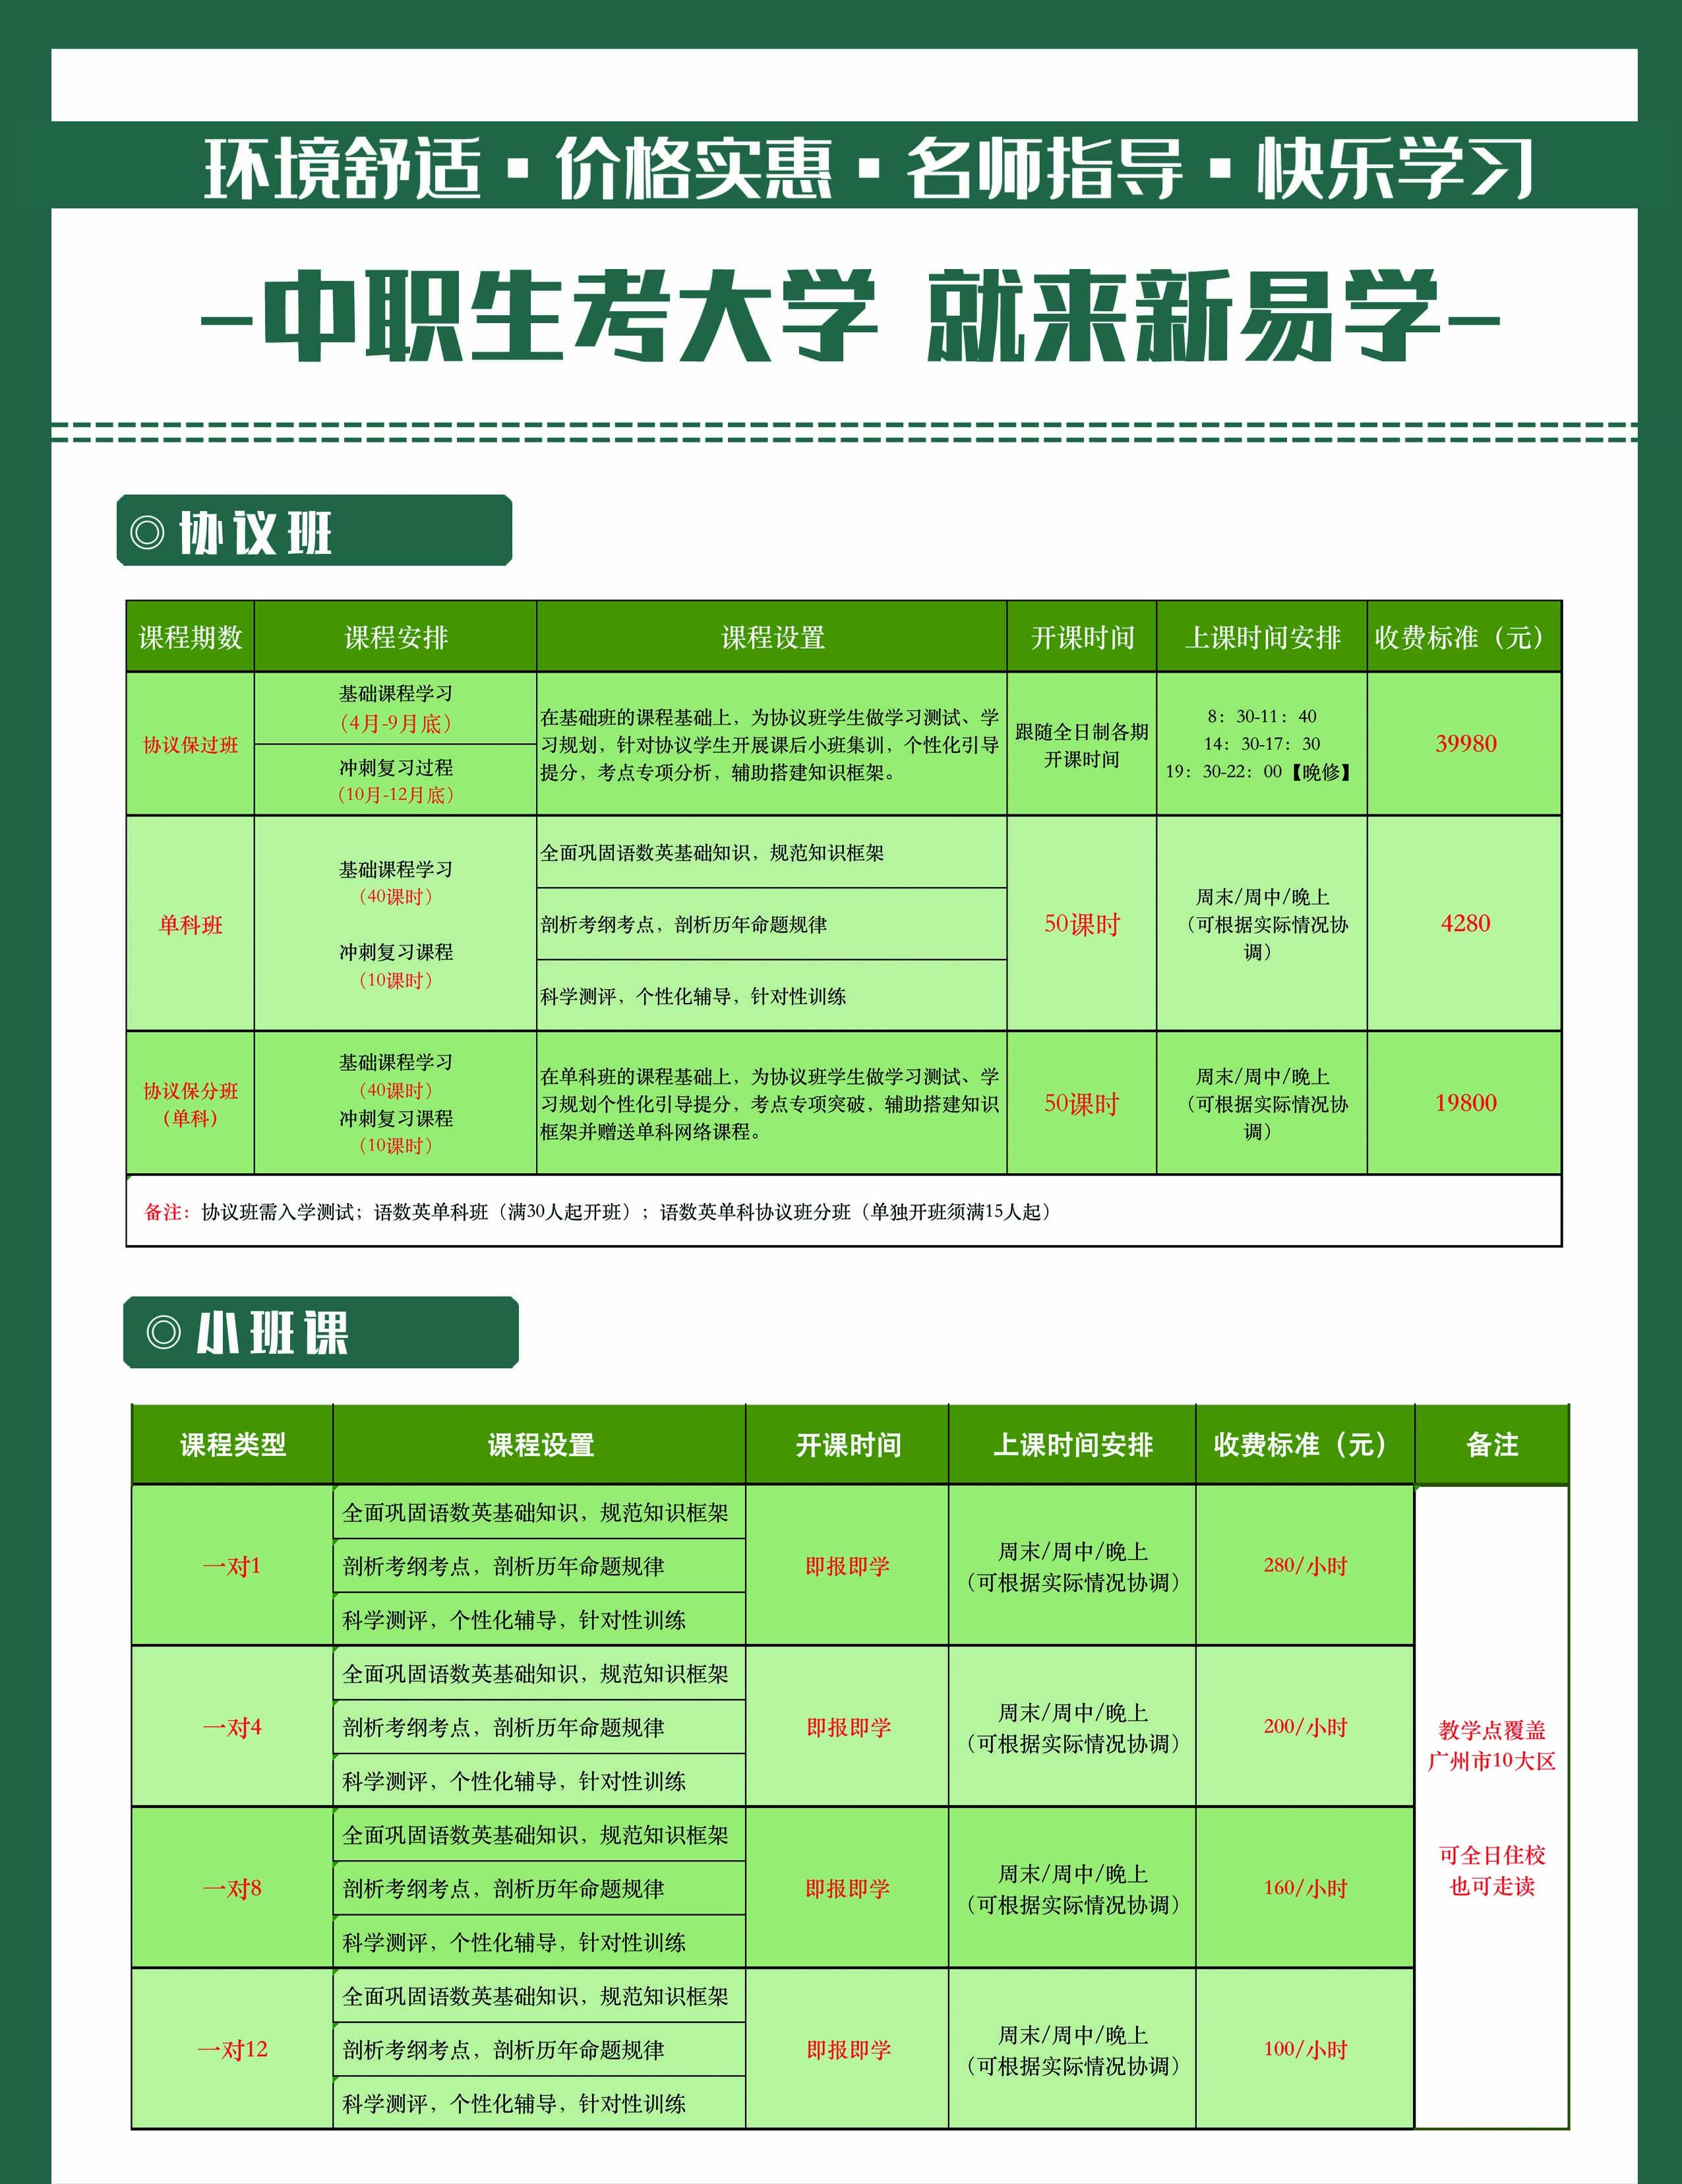 中职生考大学就来广东新易学教育培训有限公司